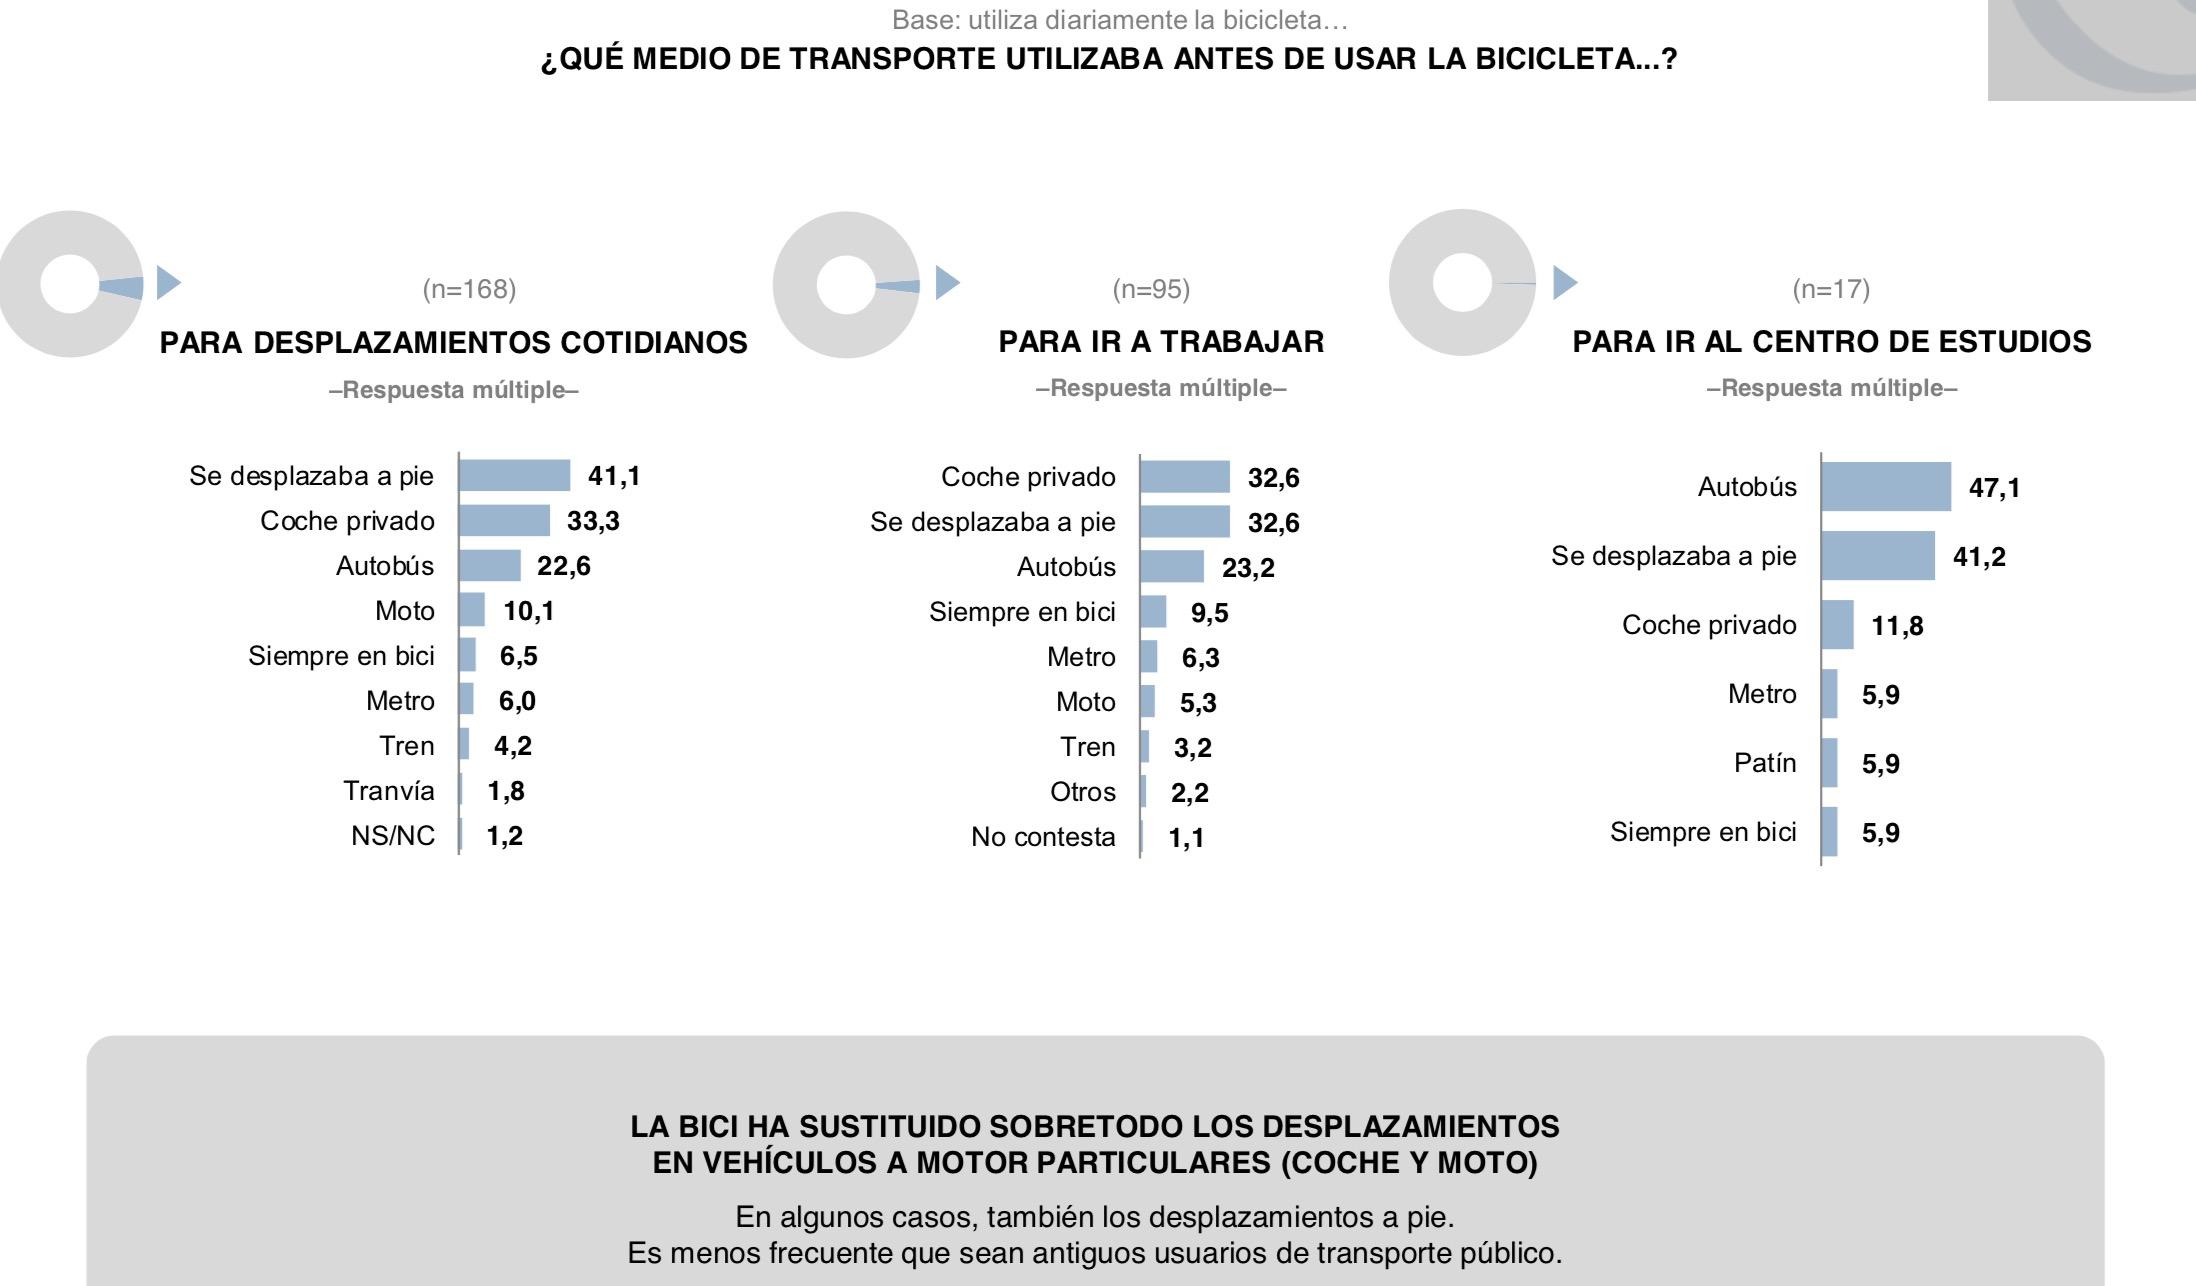 Datos sobre los modos de transporte usados anteriormente por quienes ahora usan la bici a diario